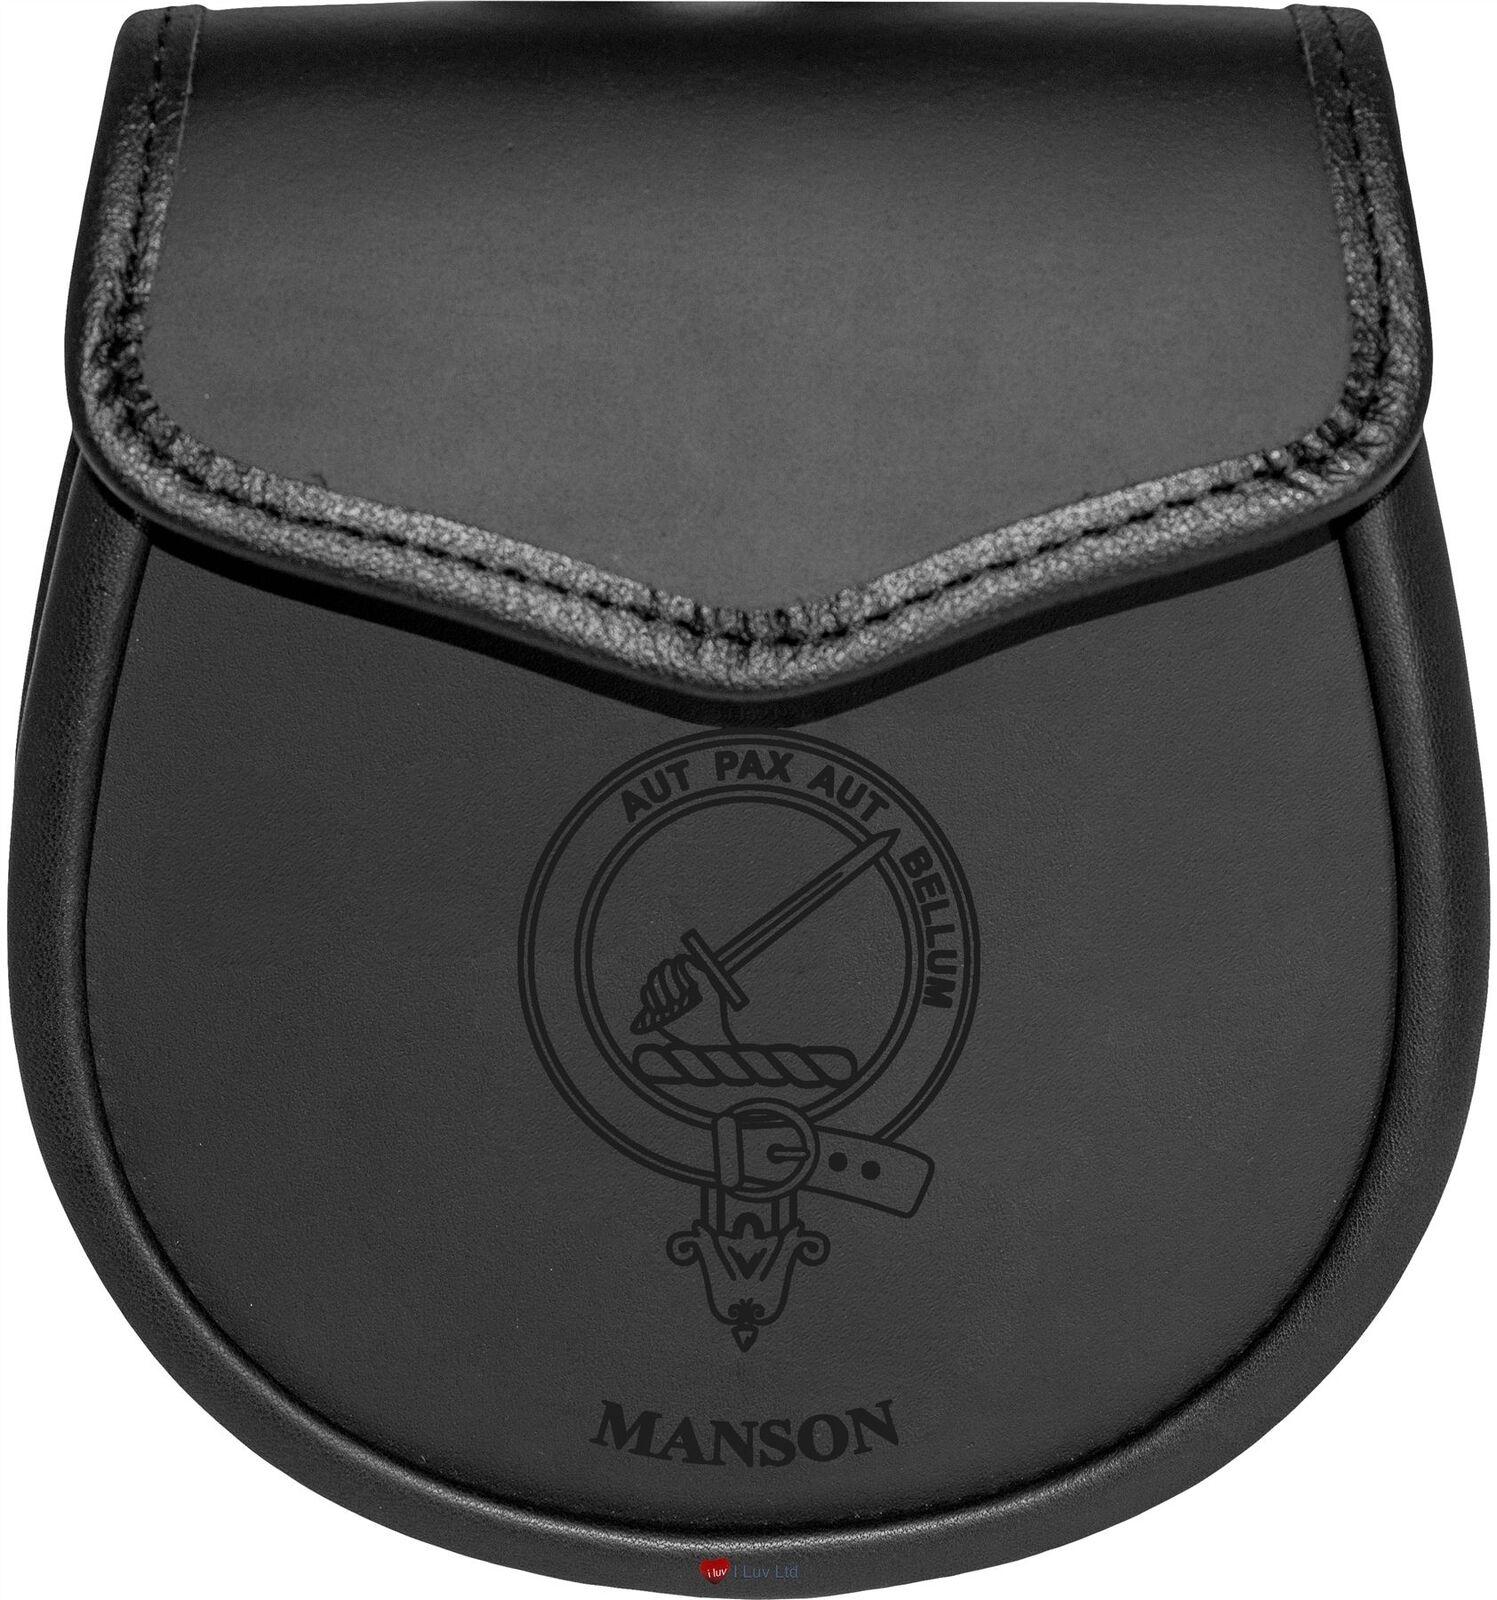 Manson Leather Day Sporran Scottish Clan Crest